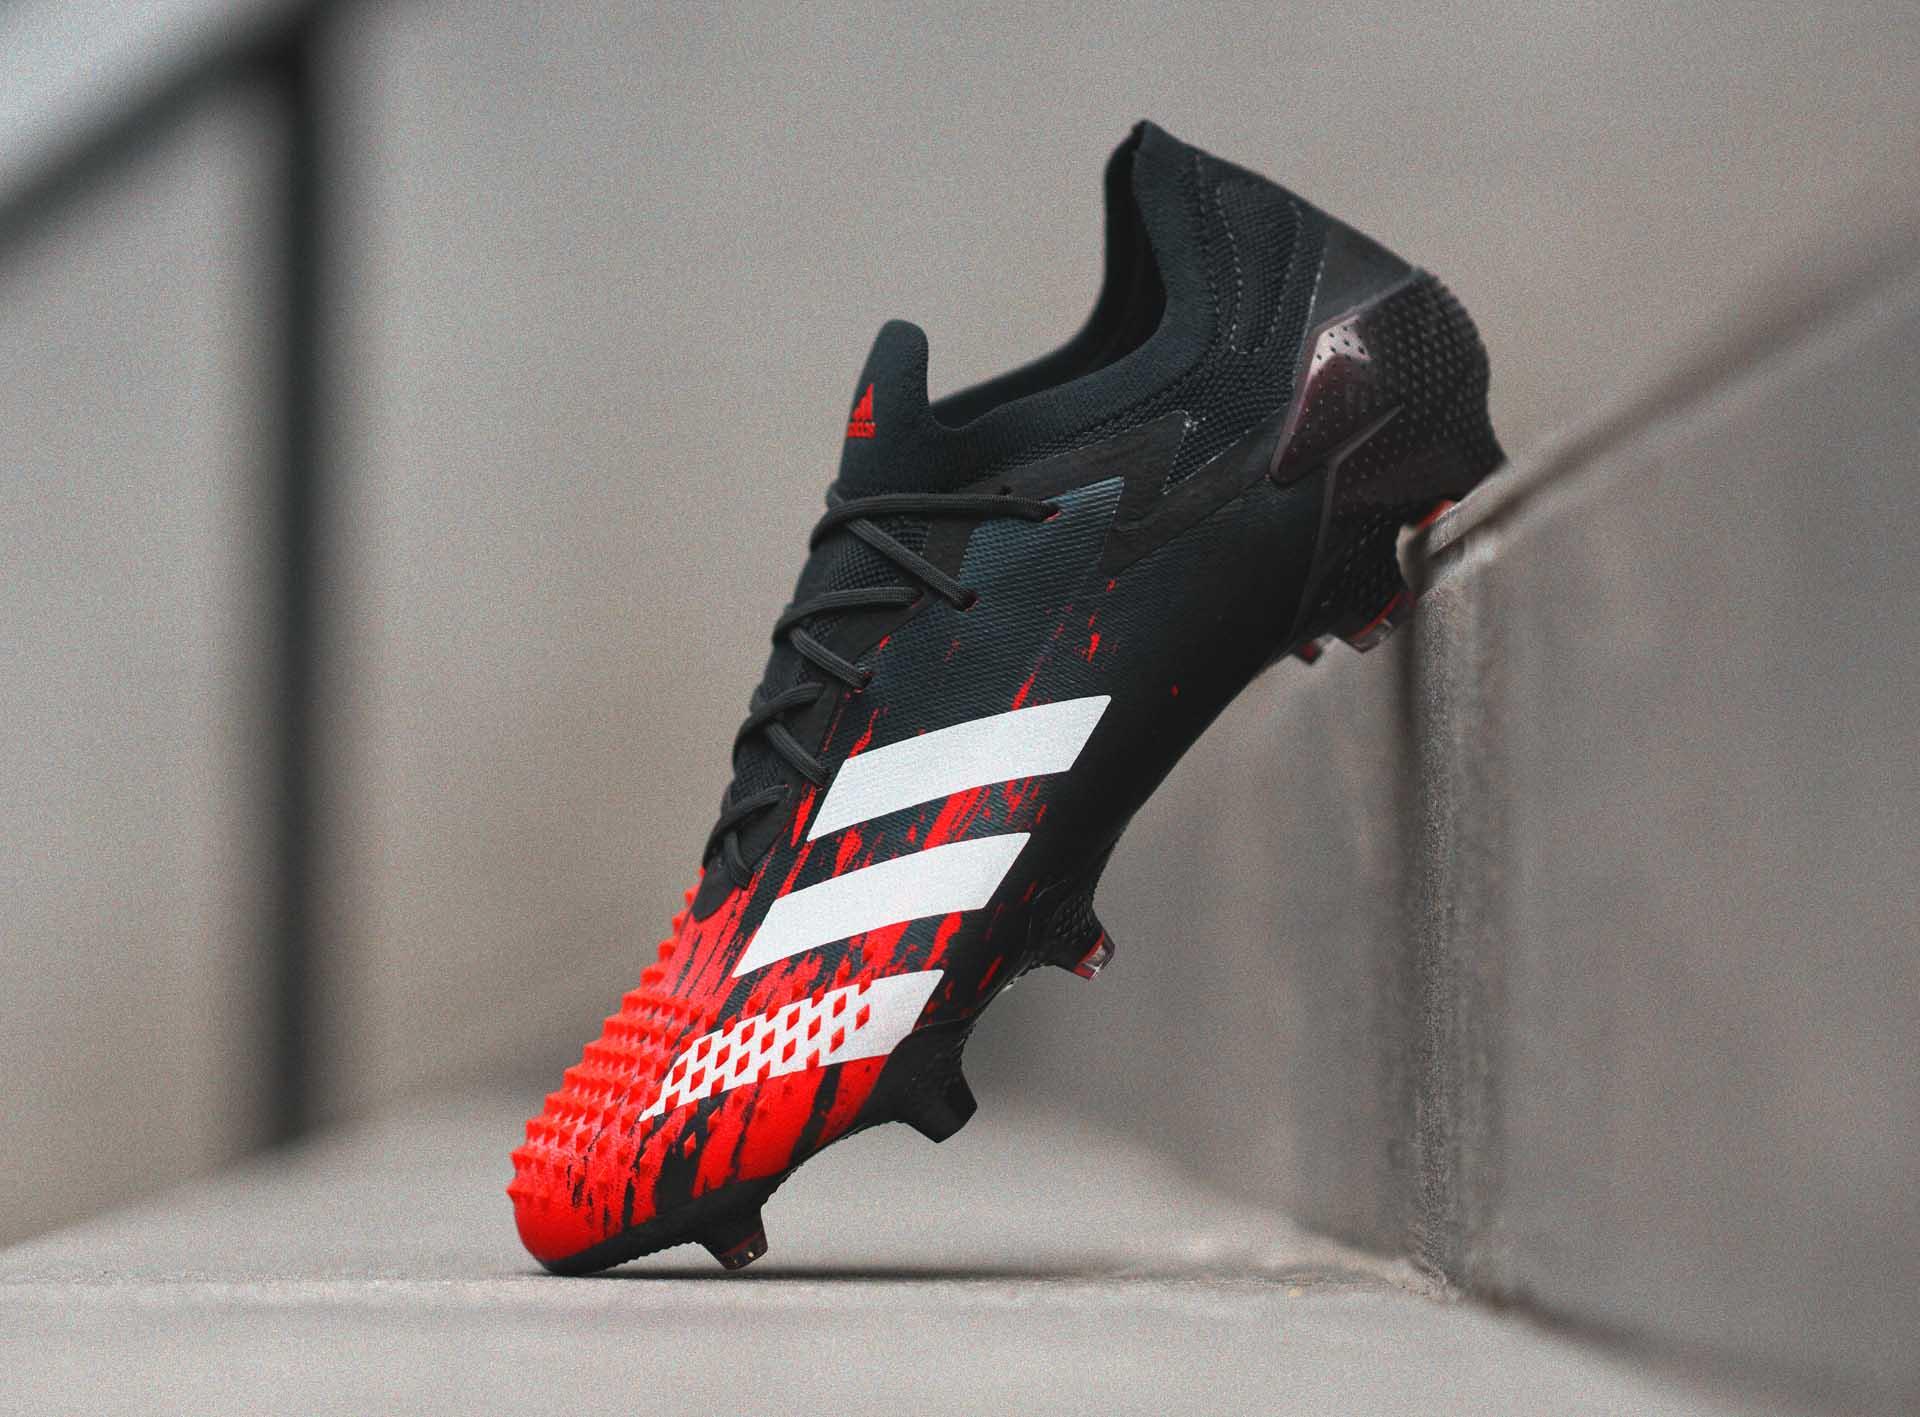 Giày đá banh chính hãng. Giày đá banh Adidas. ADIDAS PREDATOR 20.1